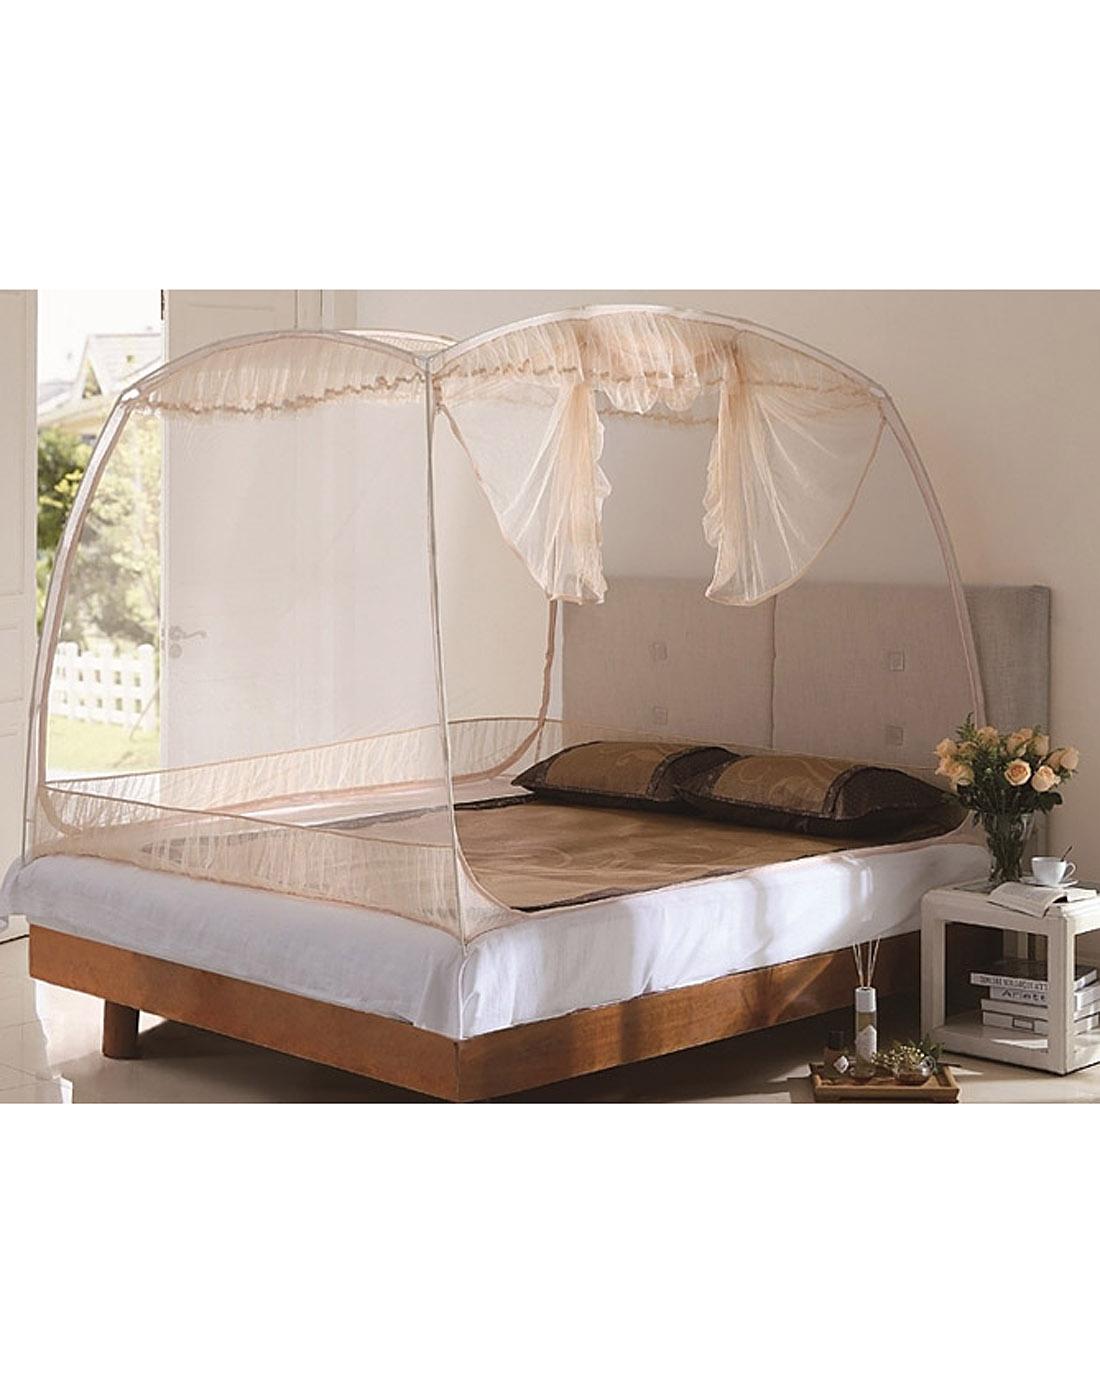 睡帐折叠步骤图片欣赏